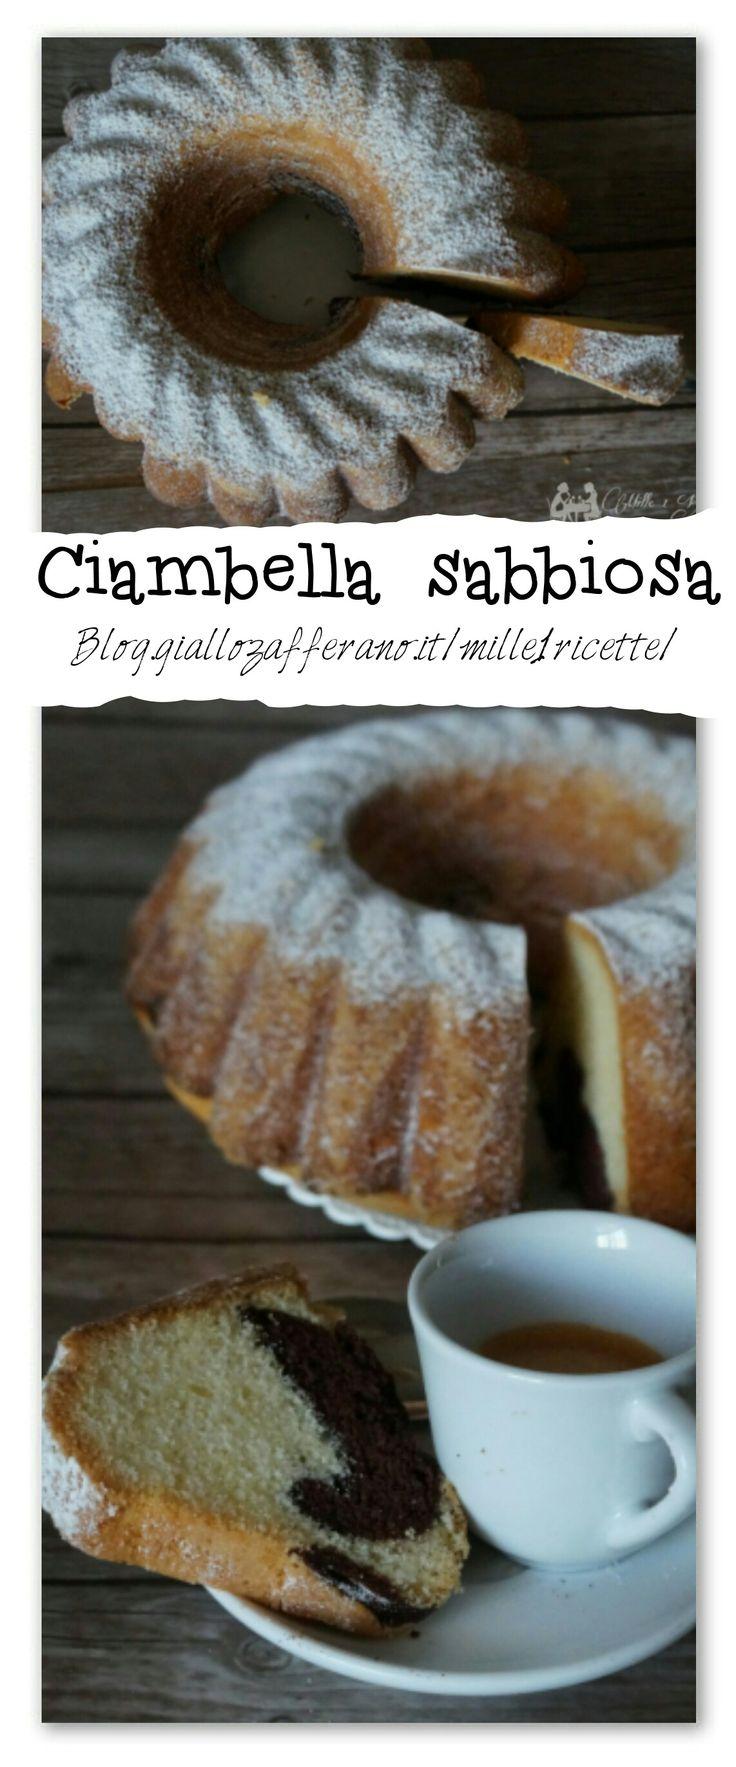 Ciambella sabbiosa  Ingredienti: ✔Uova  ✔Zucchero  ✔Farina 00  ✔Fecola Di Patate  ✔Vanillina  ✔Lievito Per Dolci ✔Olio Di Semi   ✔Cacao Amaro In Polvere   ✔Zucchero A Velo